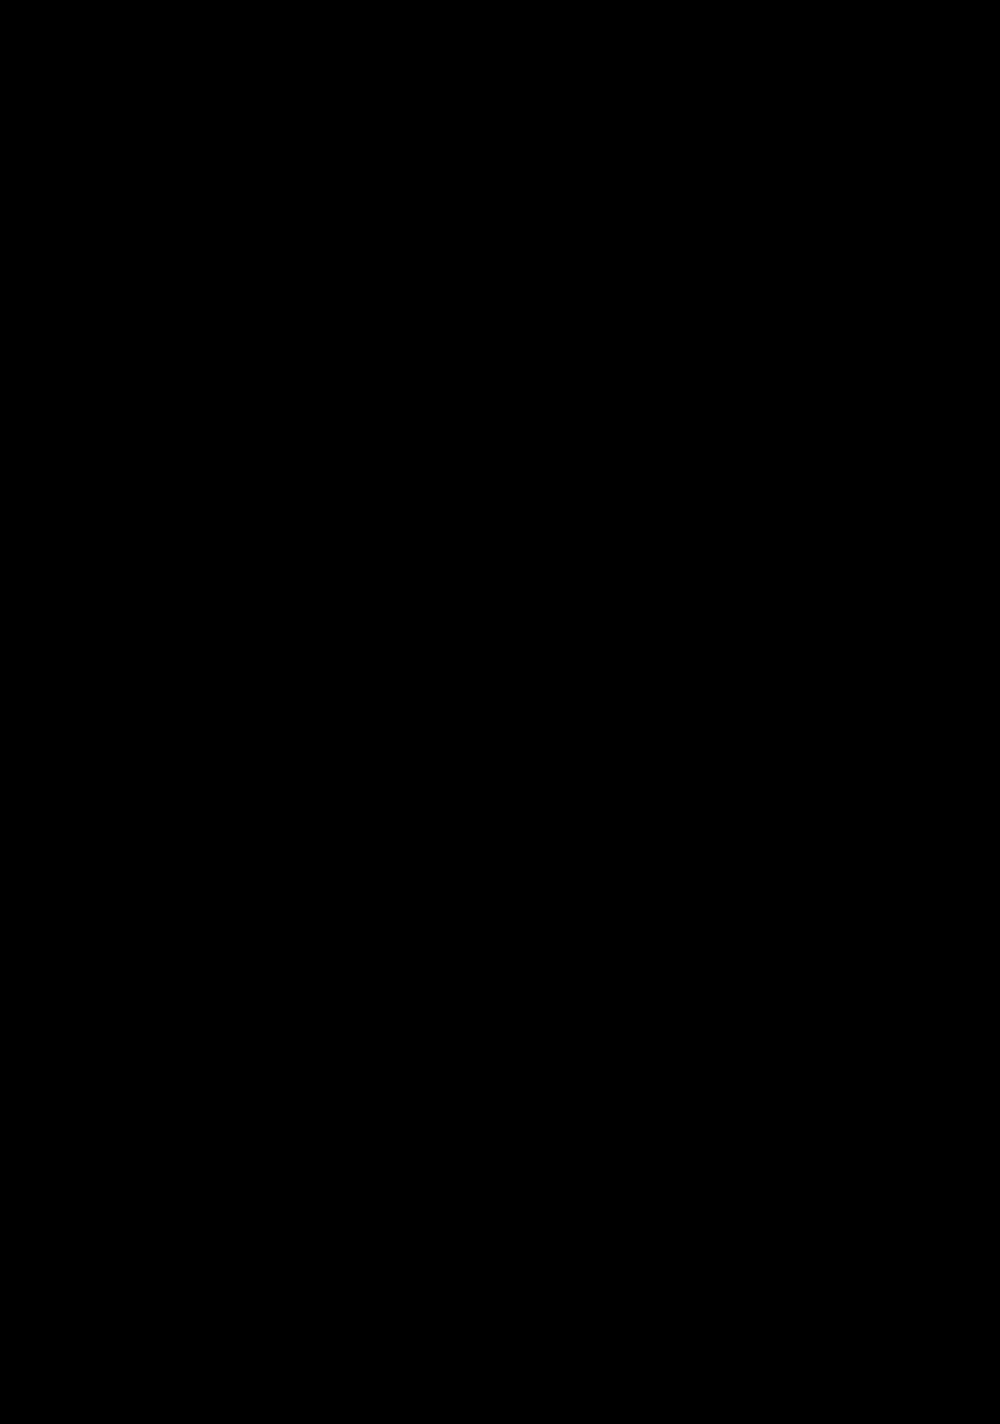 dynofit-logo-.png